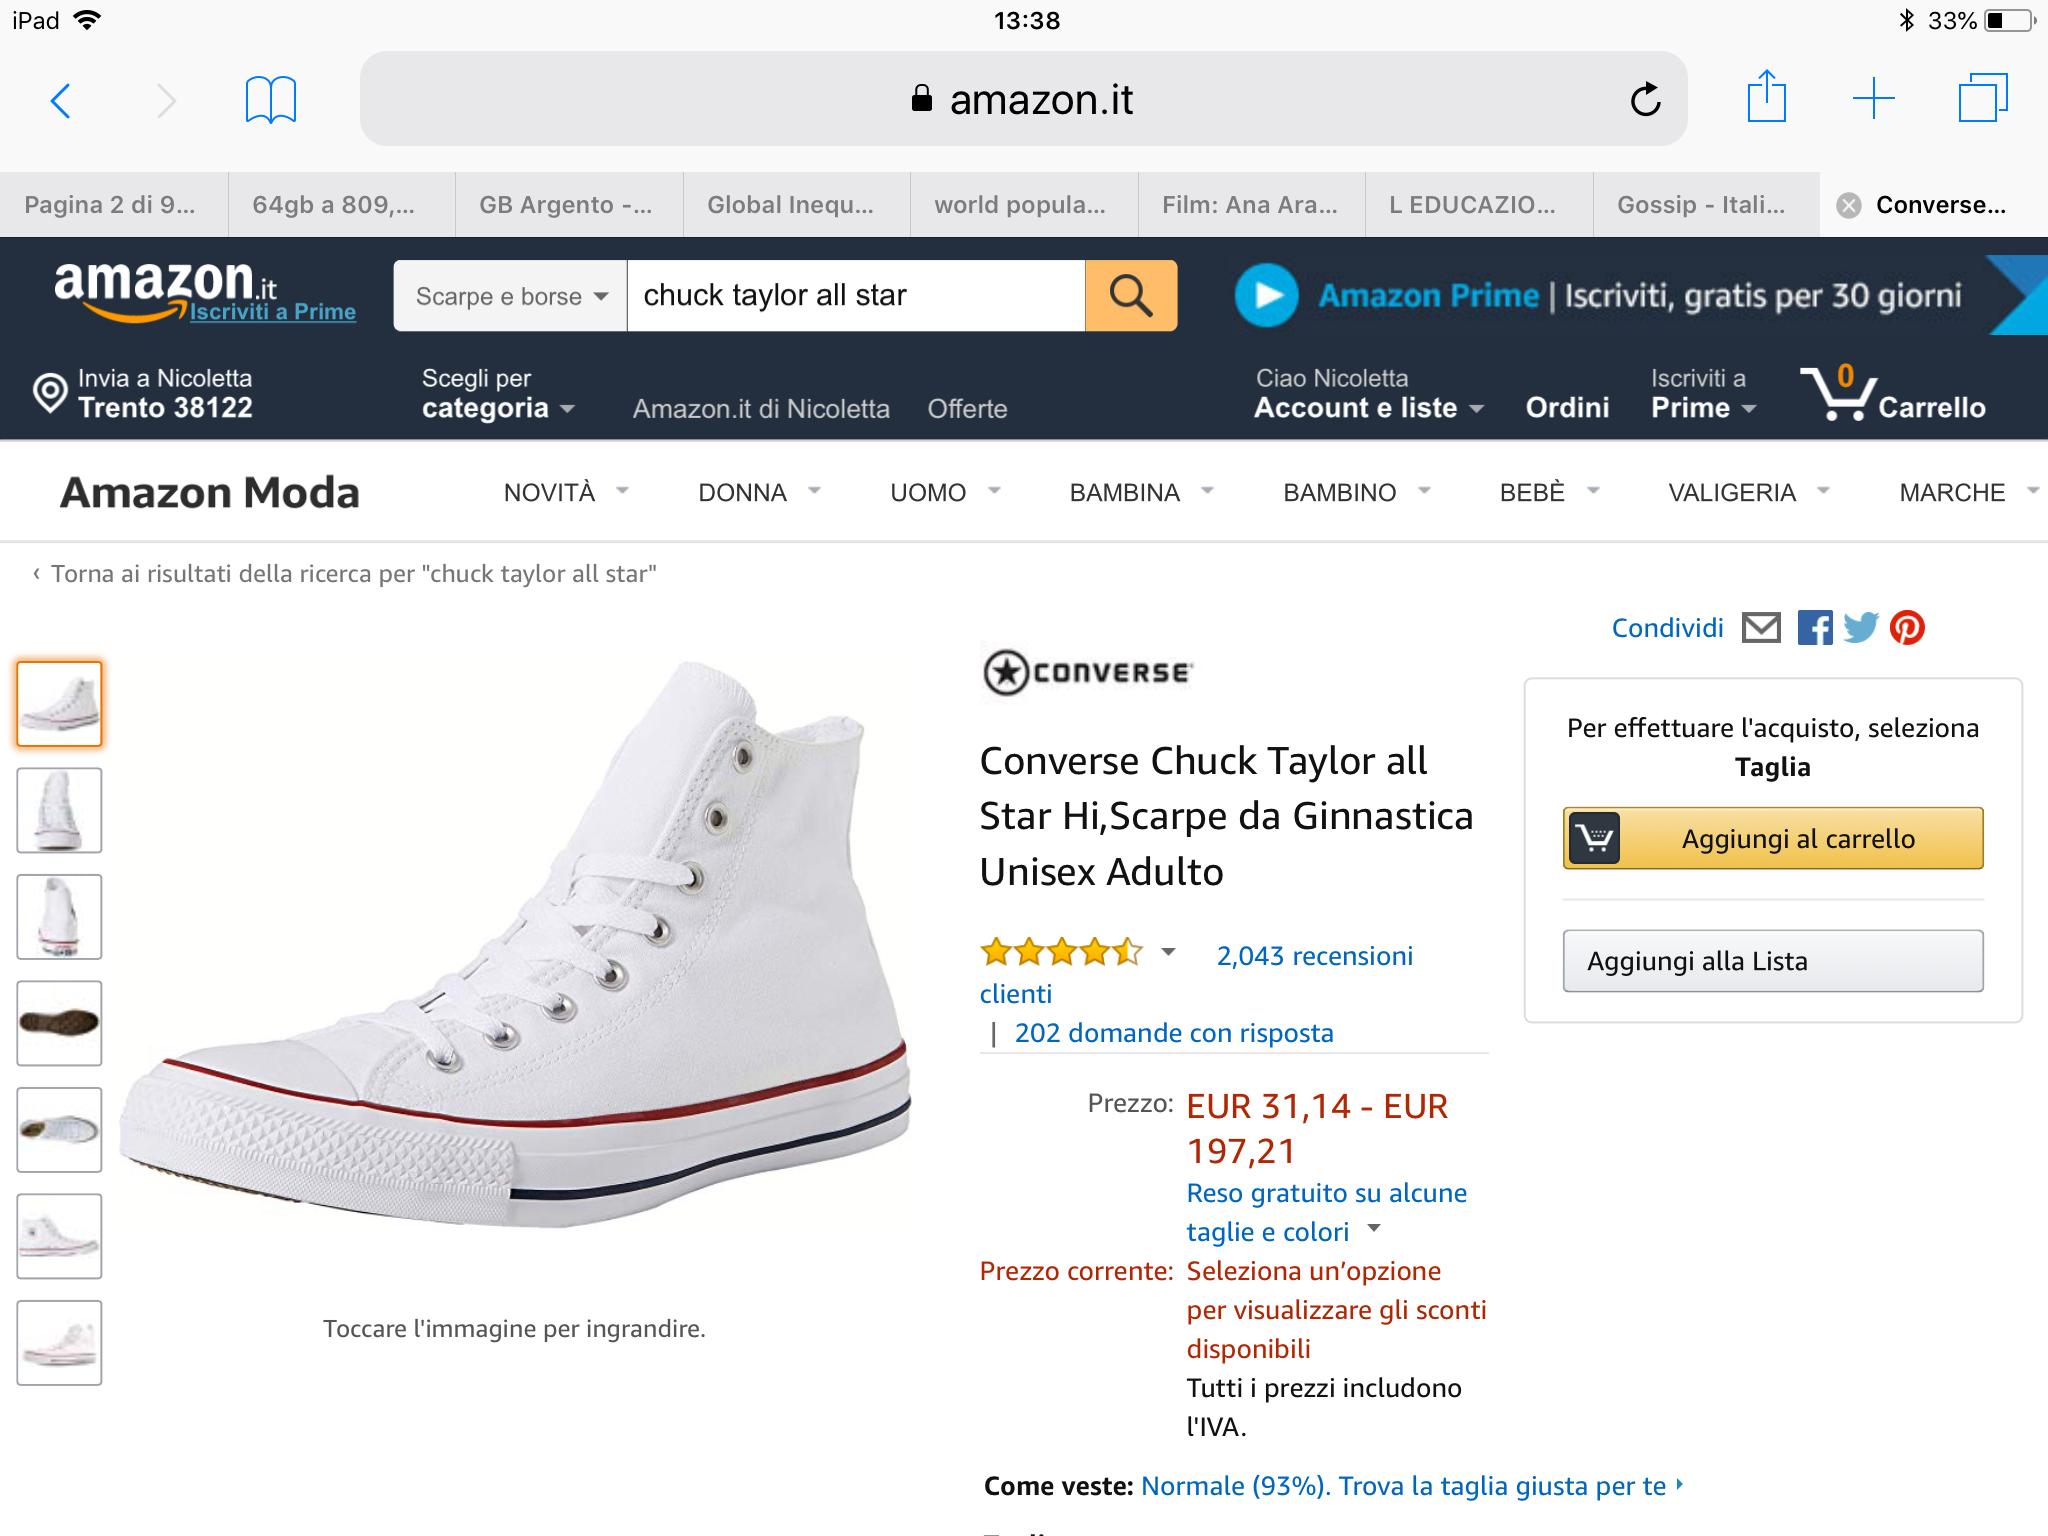 Pin By Neeckla On Cose Da Comprare Converse High Top Sneaker High Top Sneakers Converse Chuck Taylor High Top Sneaker